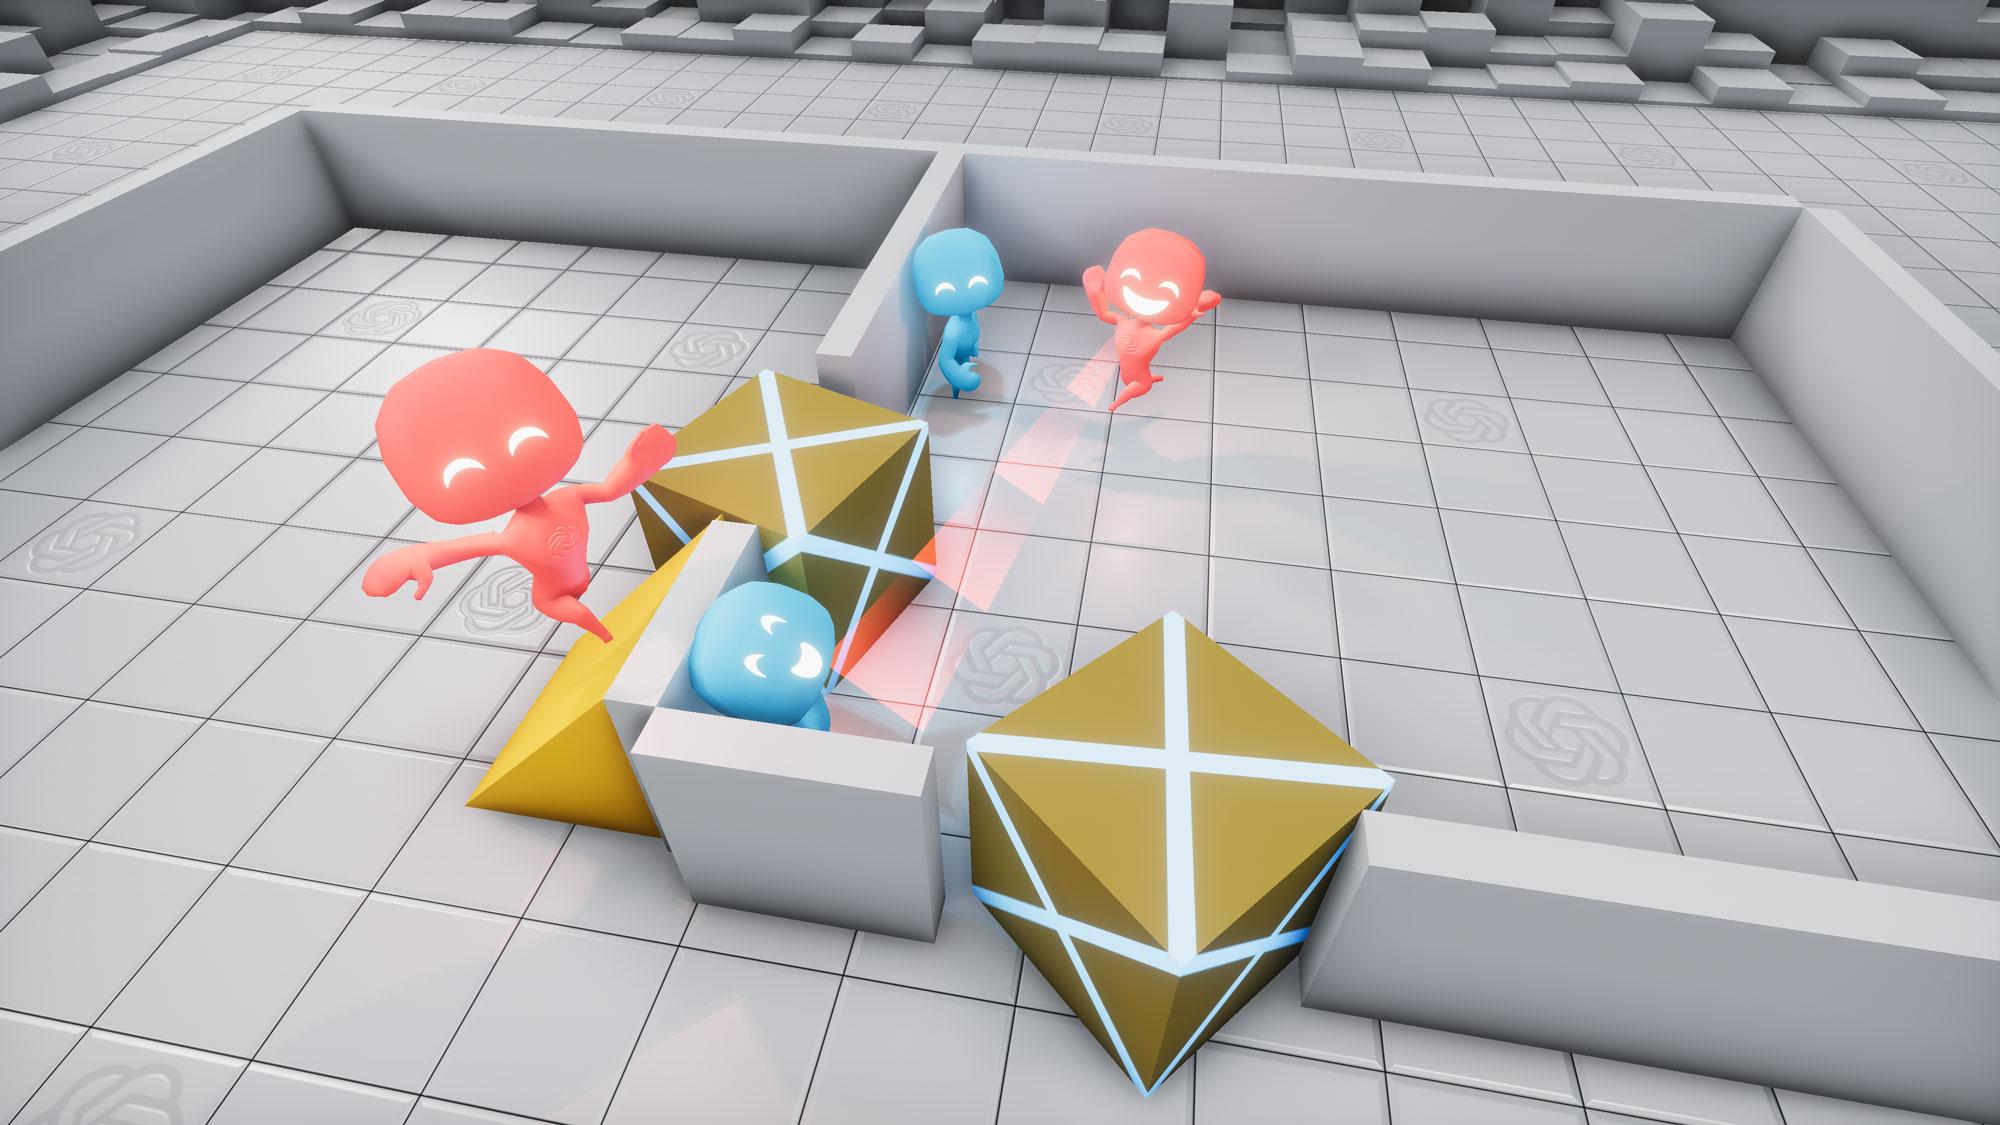 رابطه رقابت و هوشمندانه عمل کردن، موضوع آزمایش جدید openAI در زمینه هوش مصنوعی